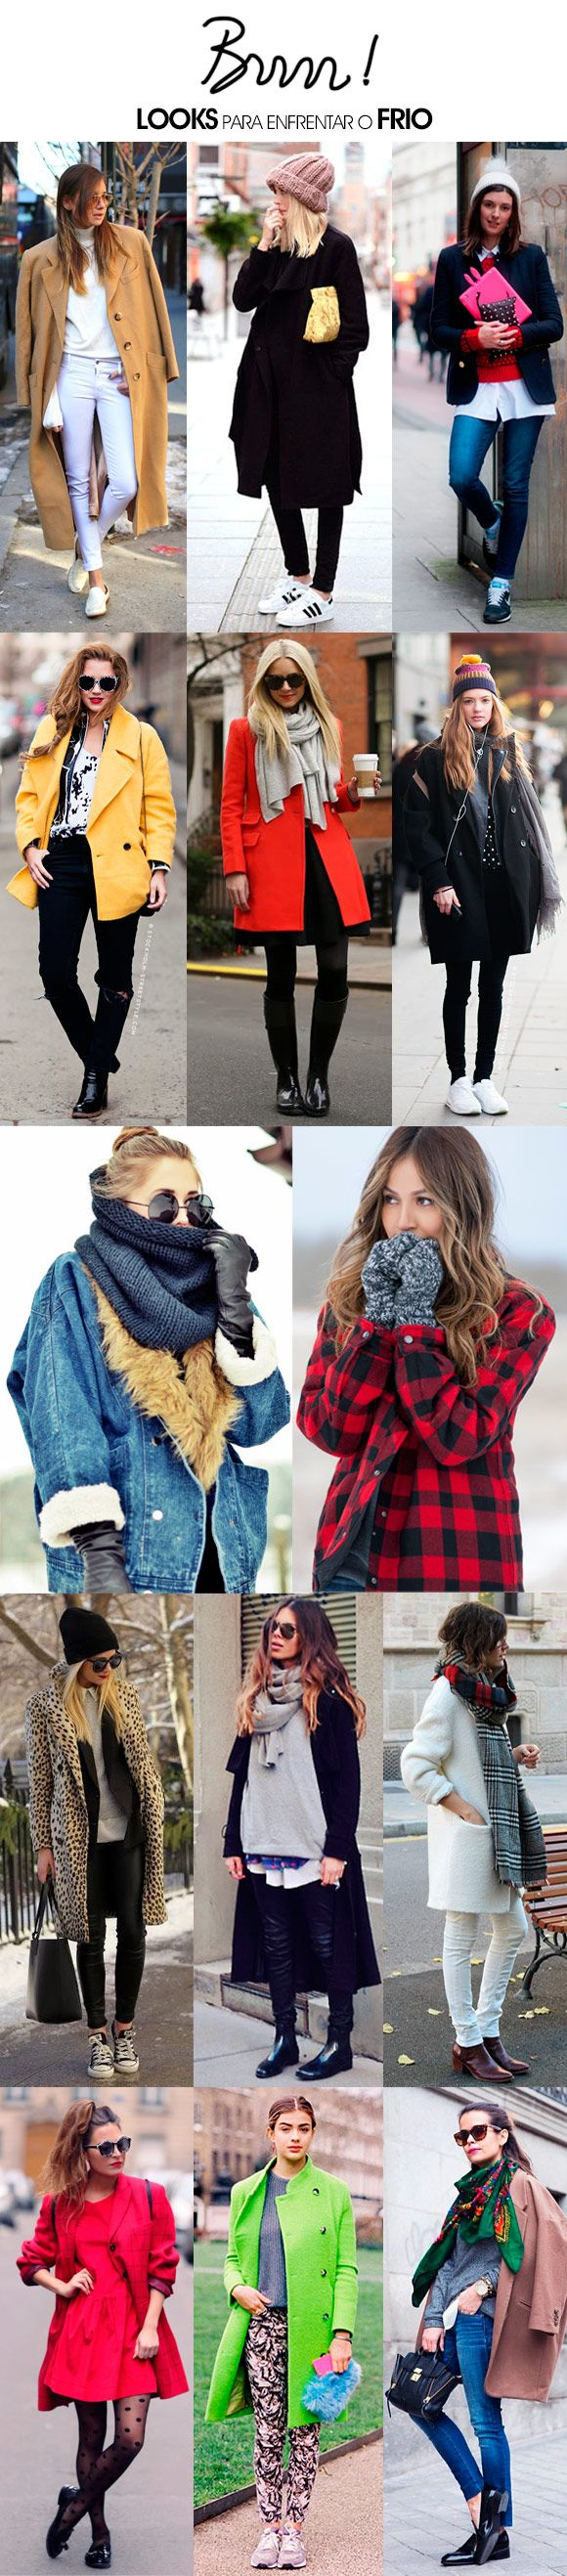 De 35ºC a -5ºC: o que vestir?